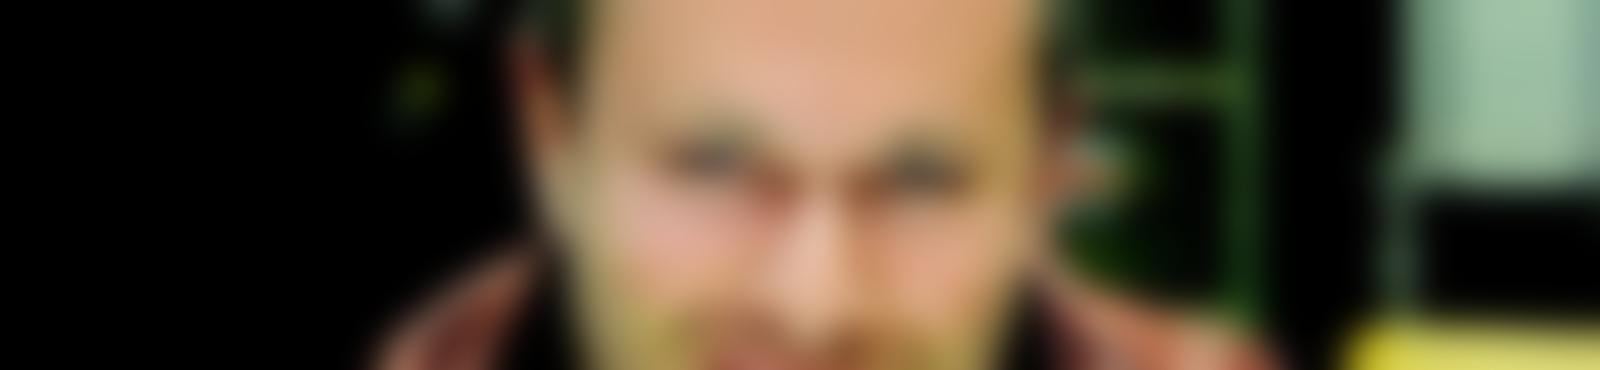 Blurred 0b2d8b5b d1bf 4c05 830f 190f21ad96cc